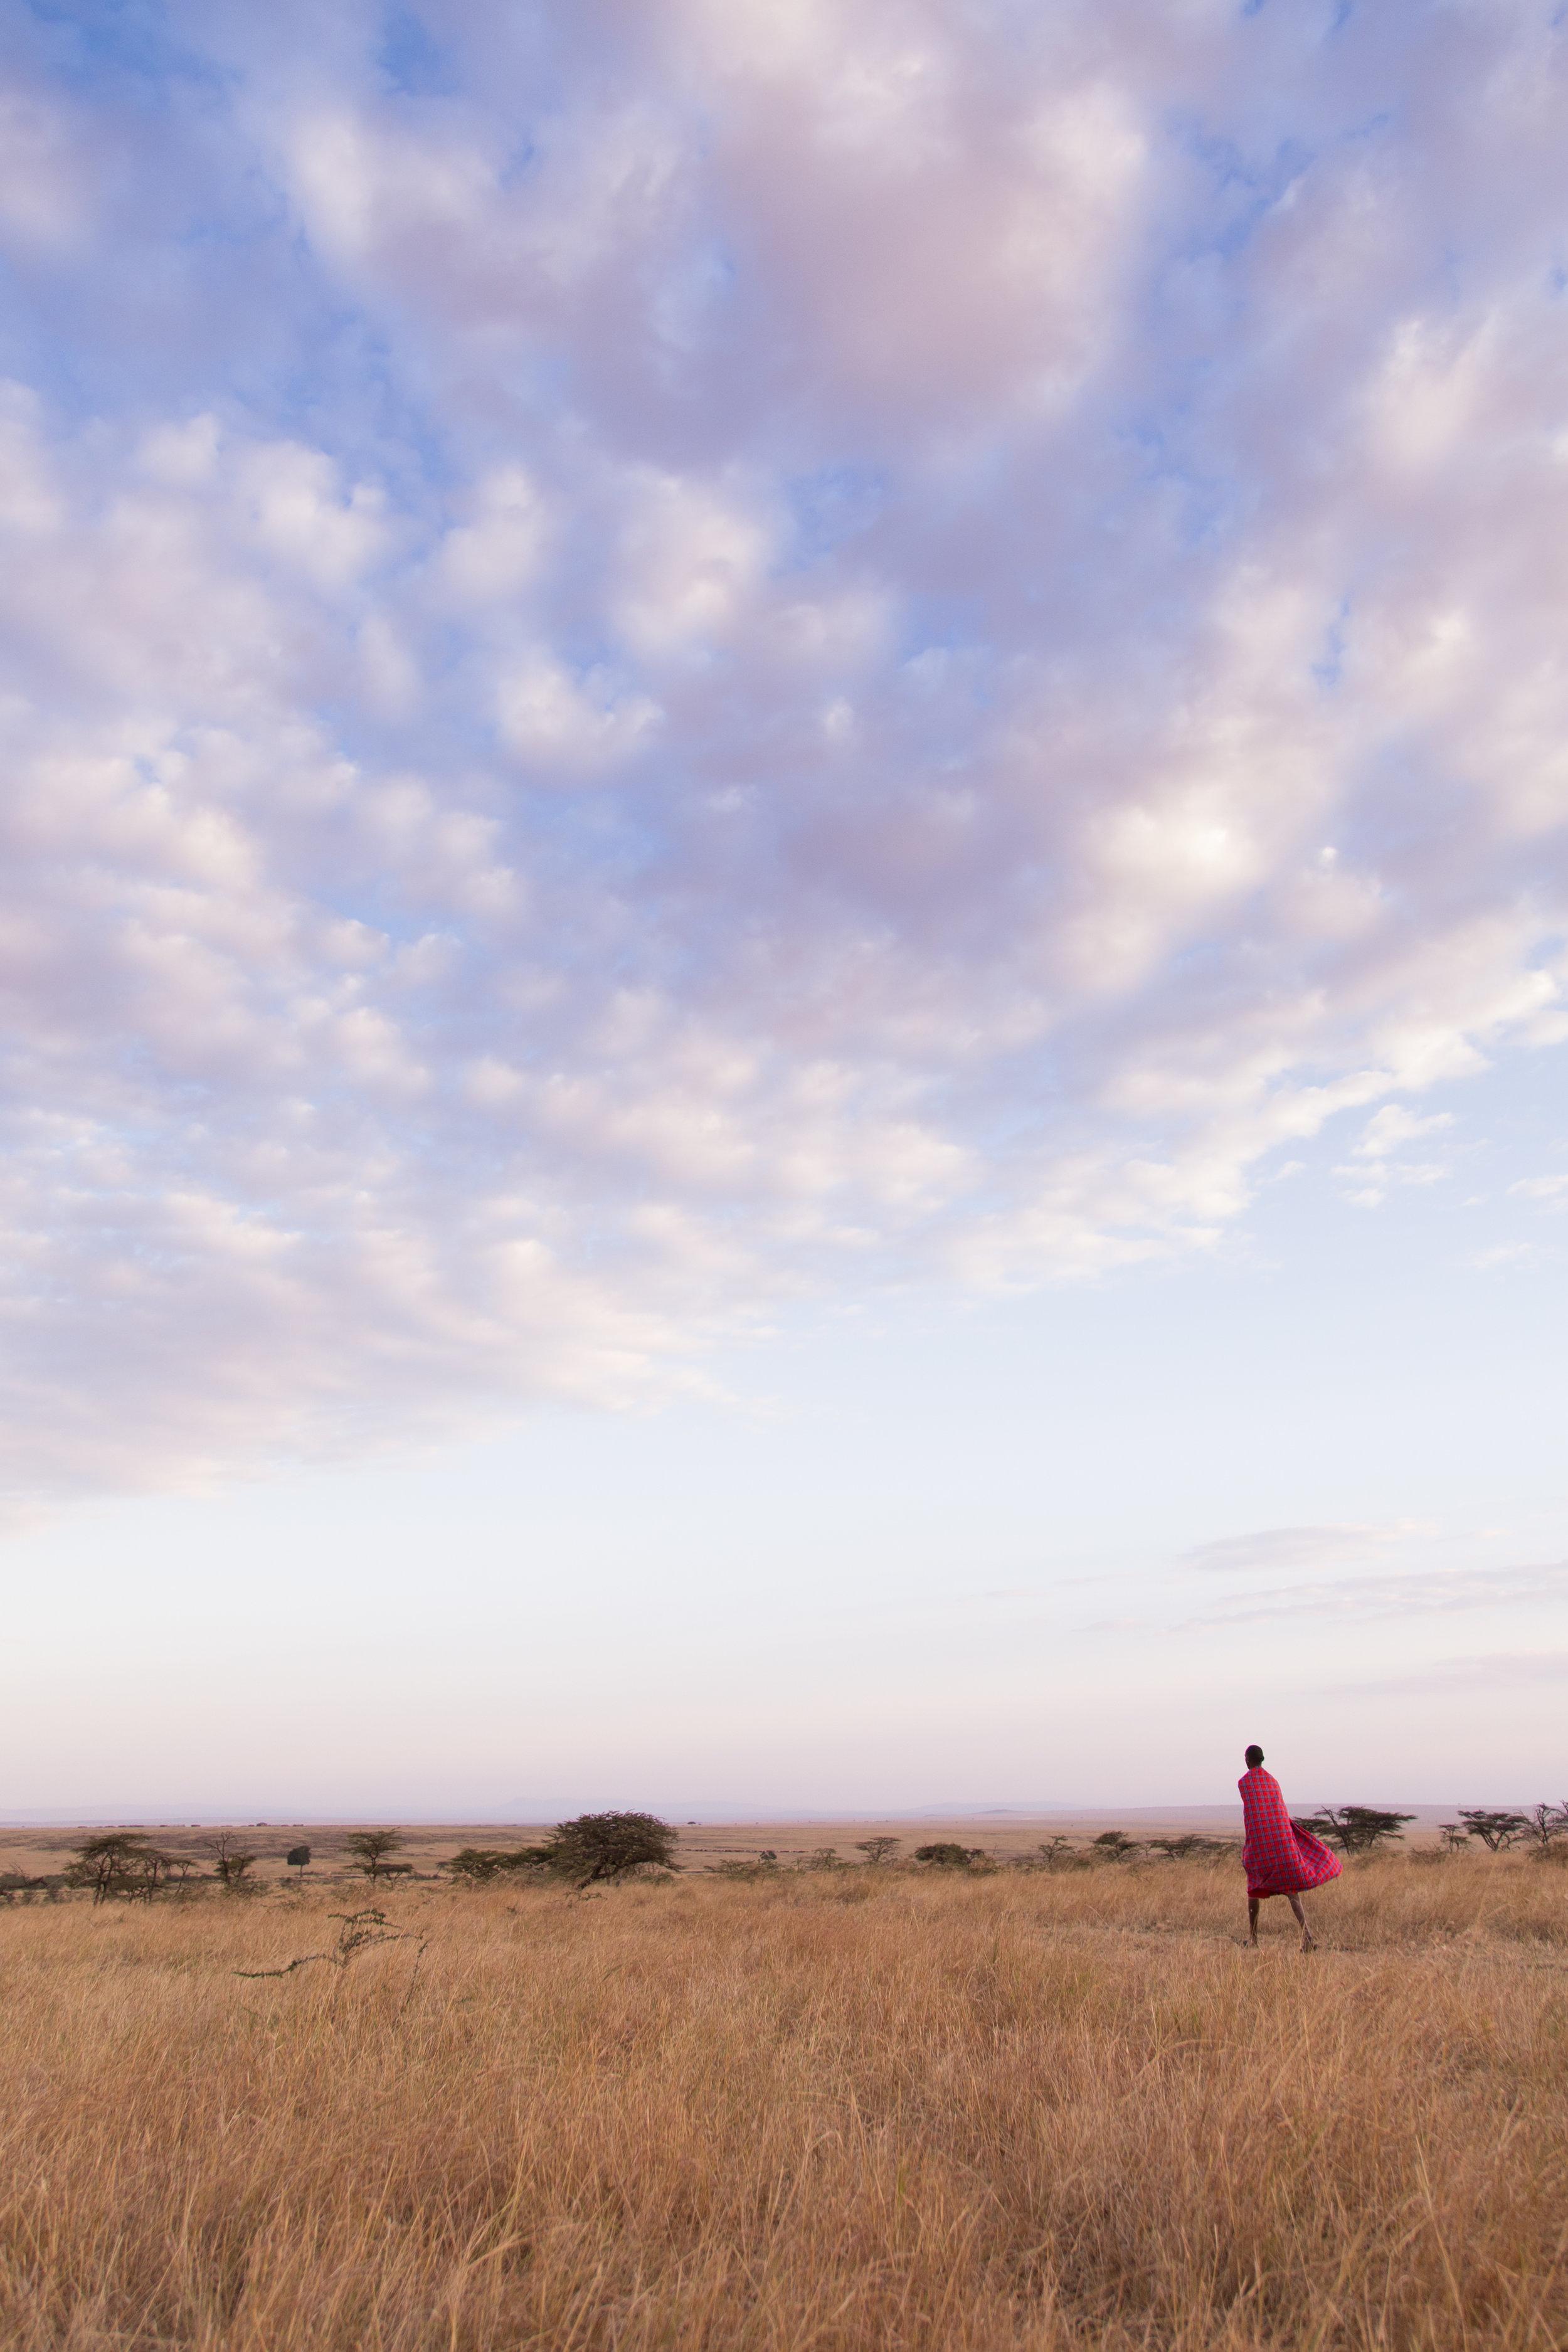 Maasai man walking on the savannah at sunset in Kenya